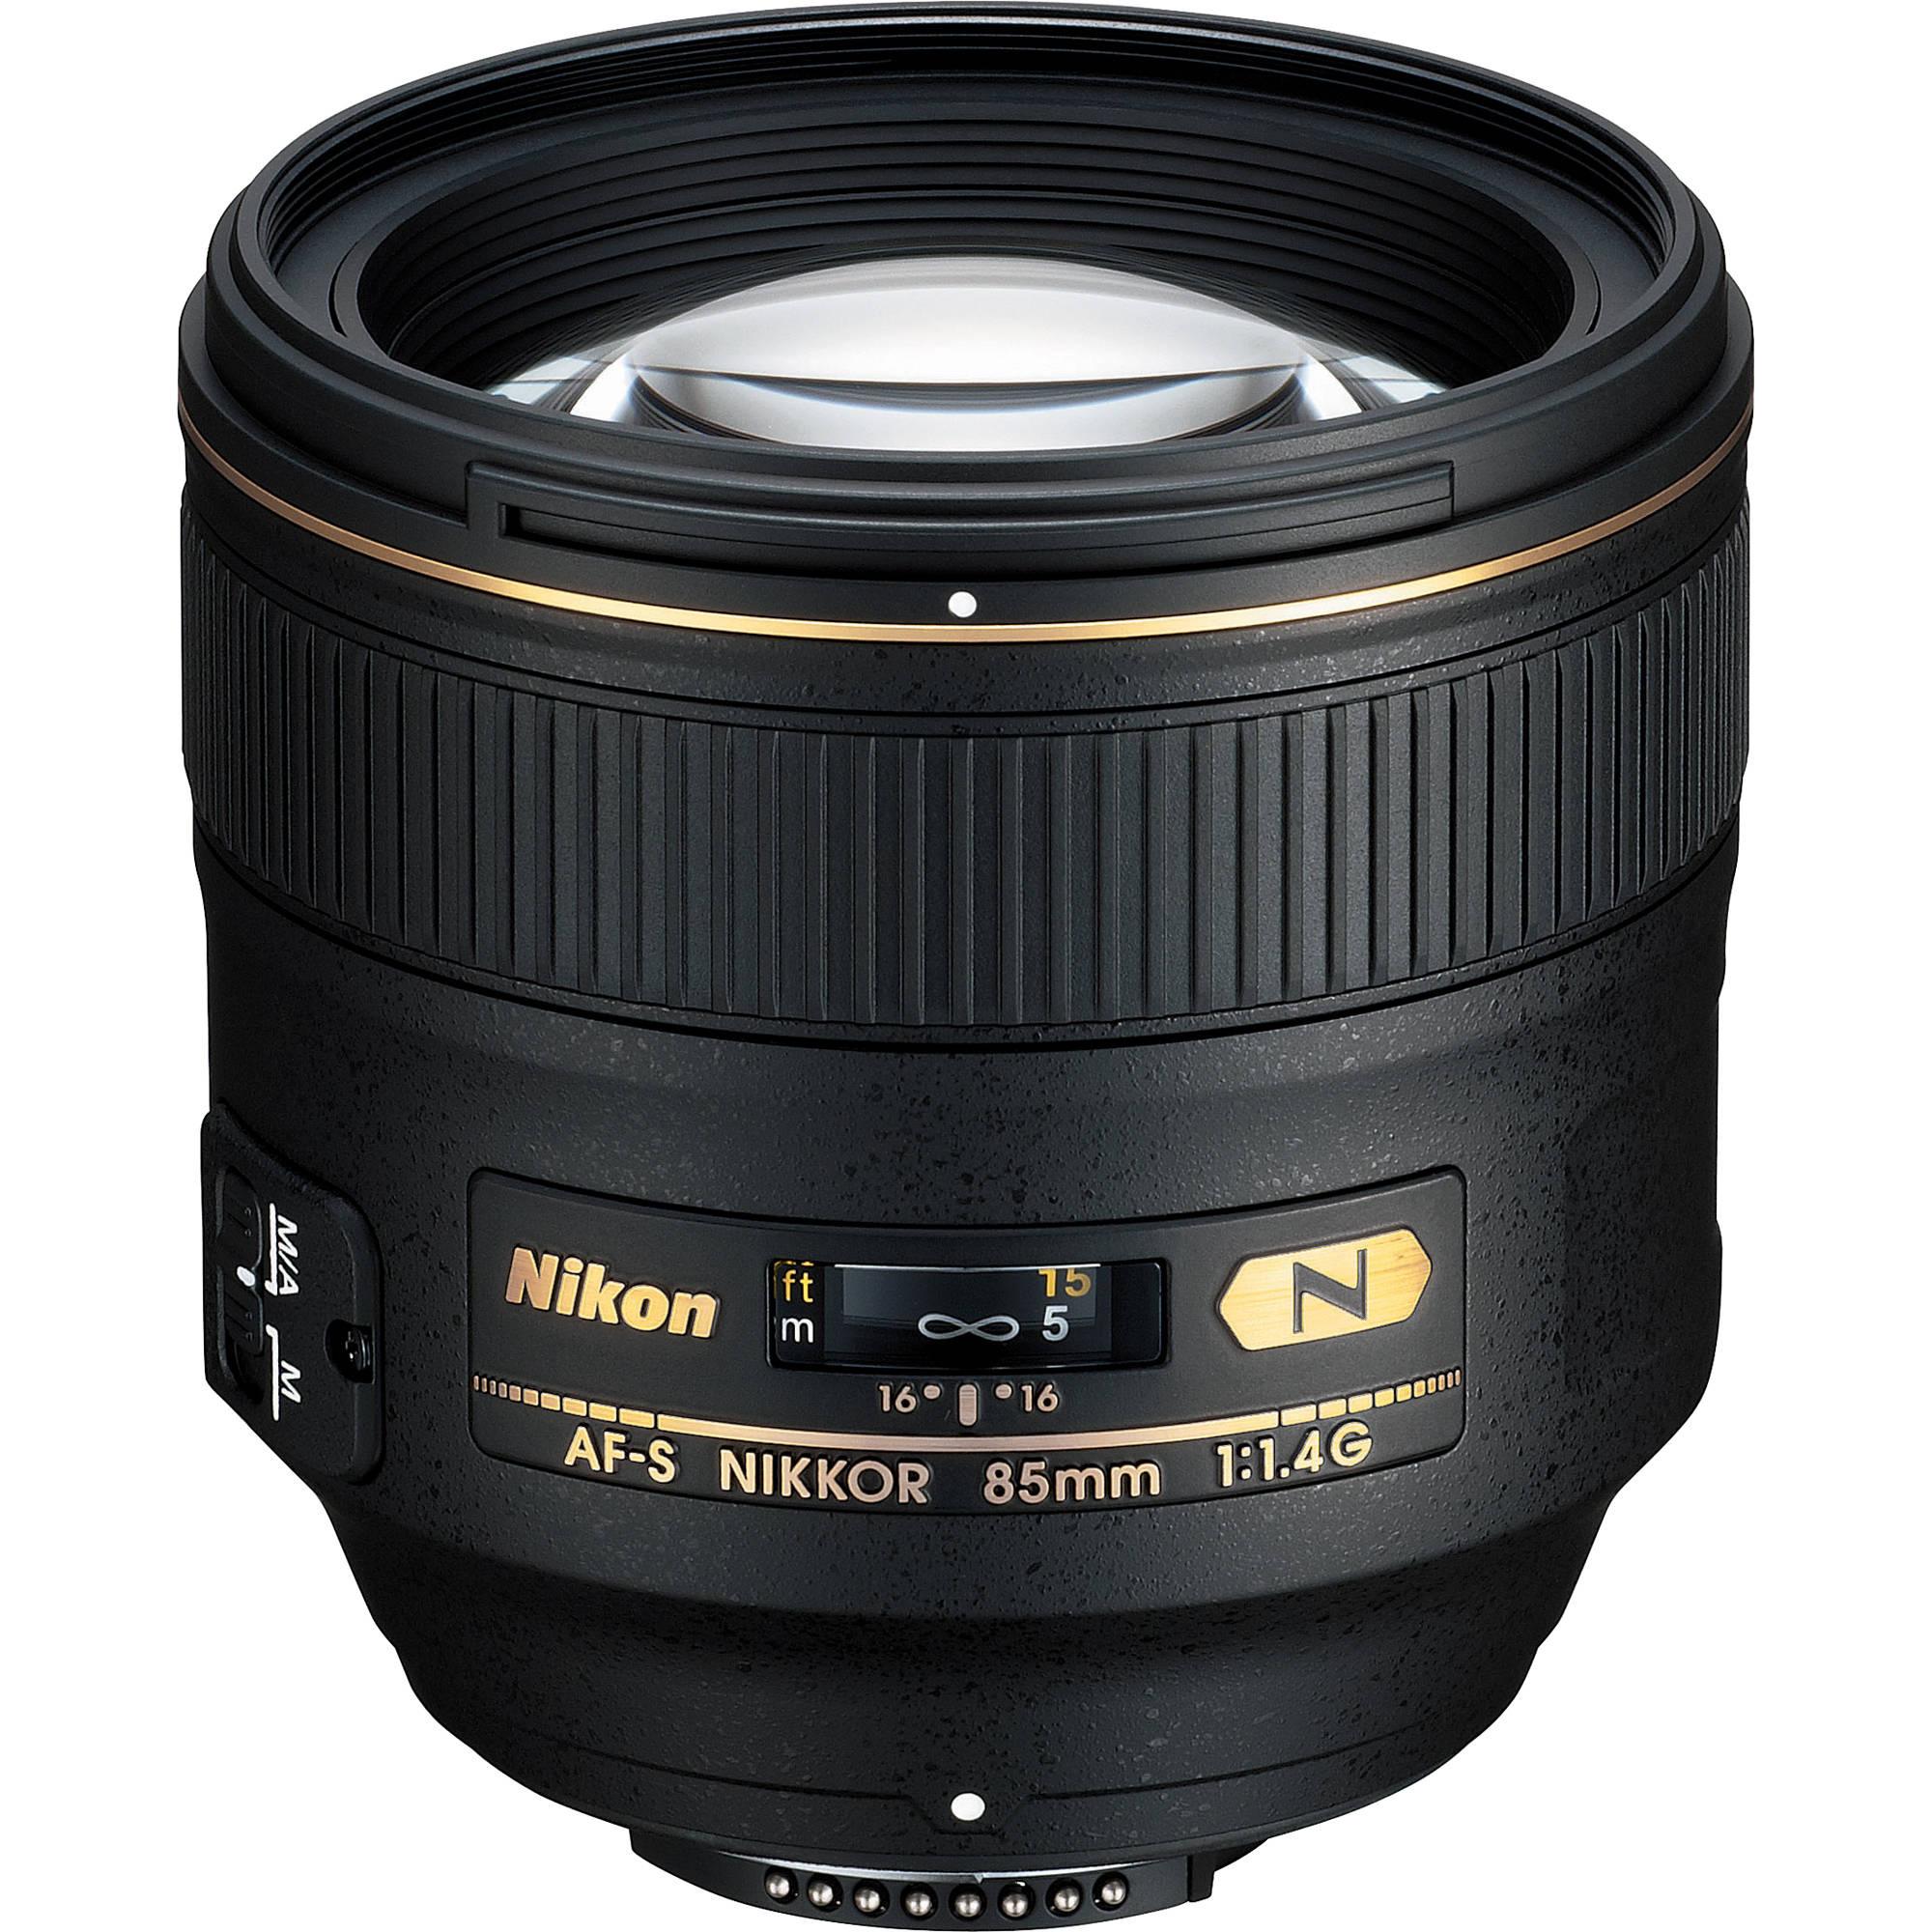 Nikon Telephoto AF-S 85mm f1.4G Lens